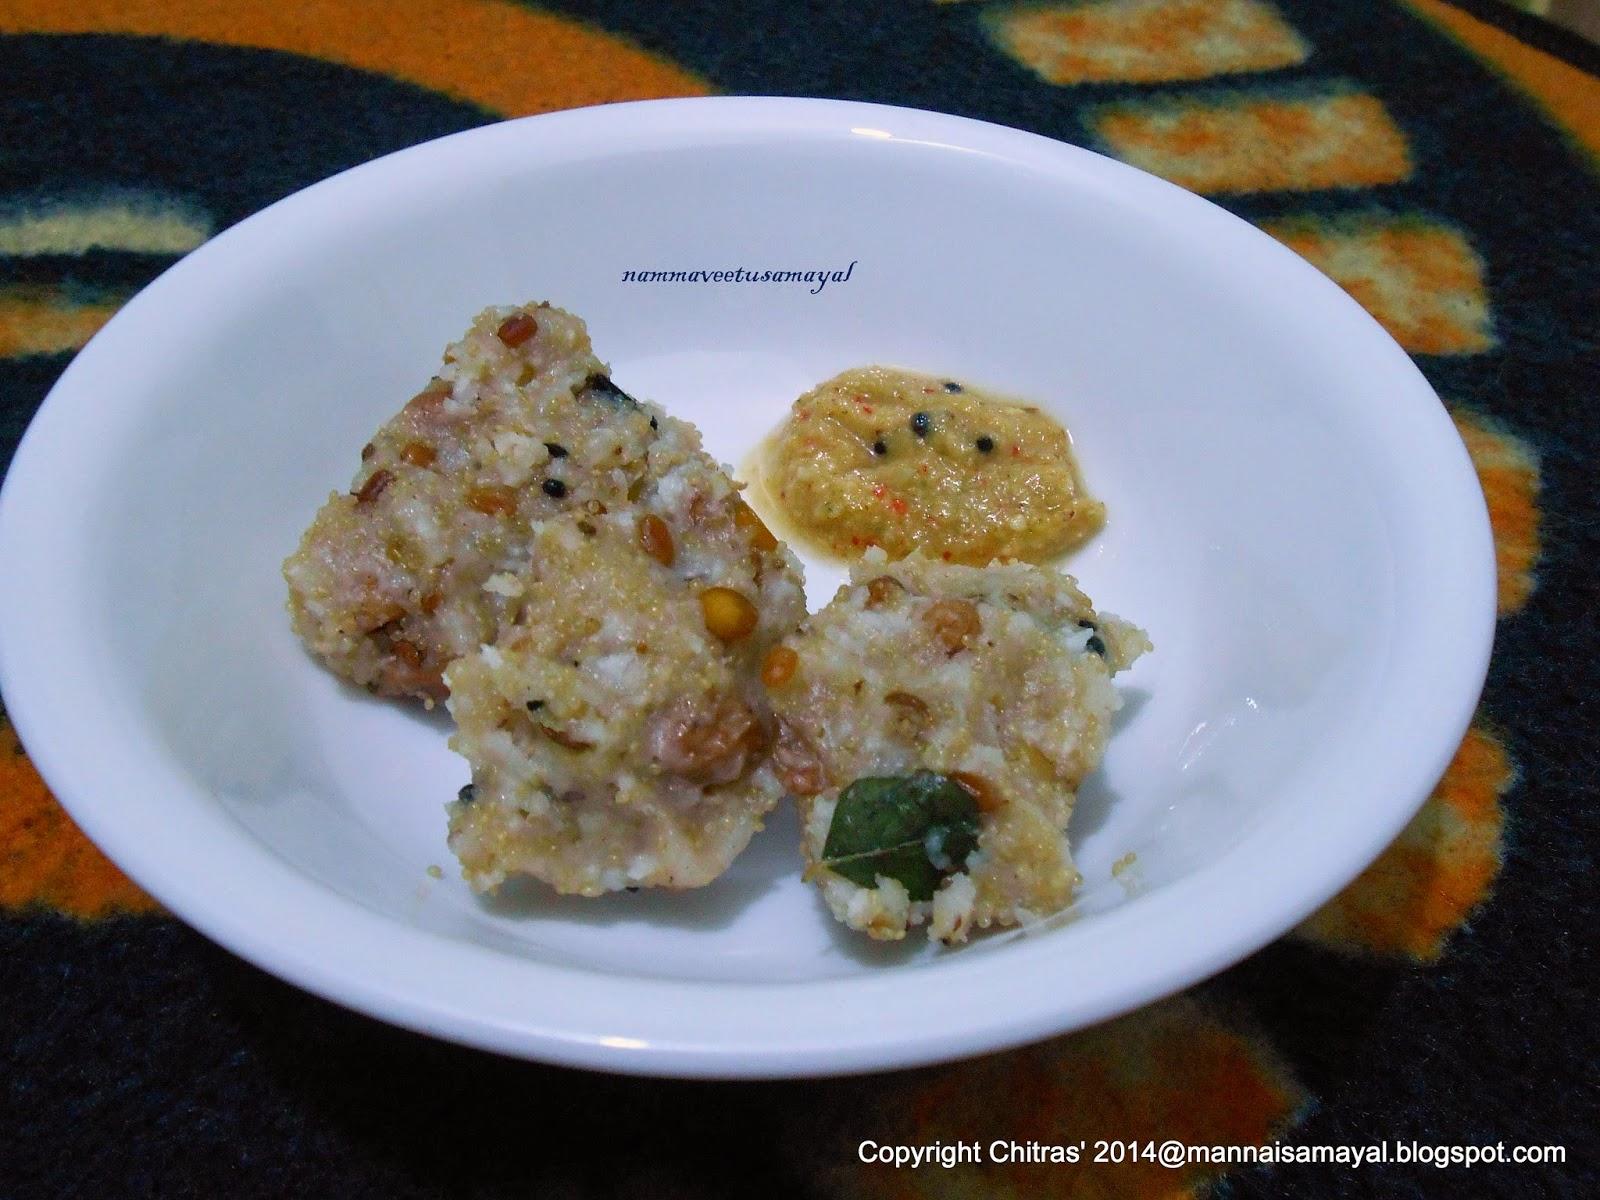 Amaranth dumpling